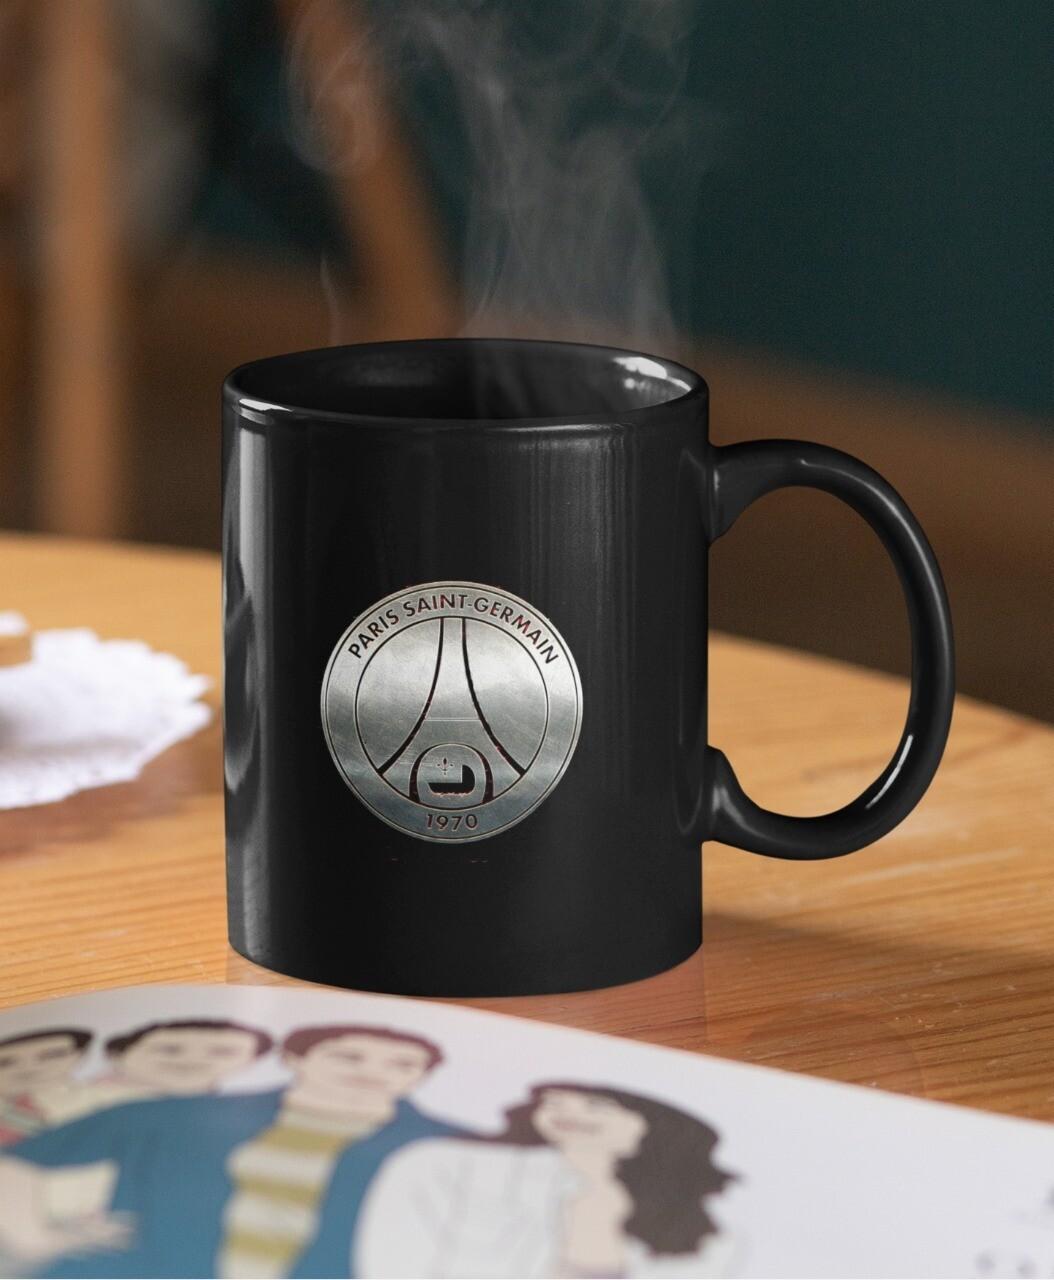 PSG Silver Crest Mug (Microwave and Dishwasher Safe)